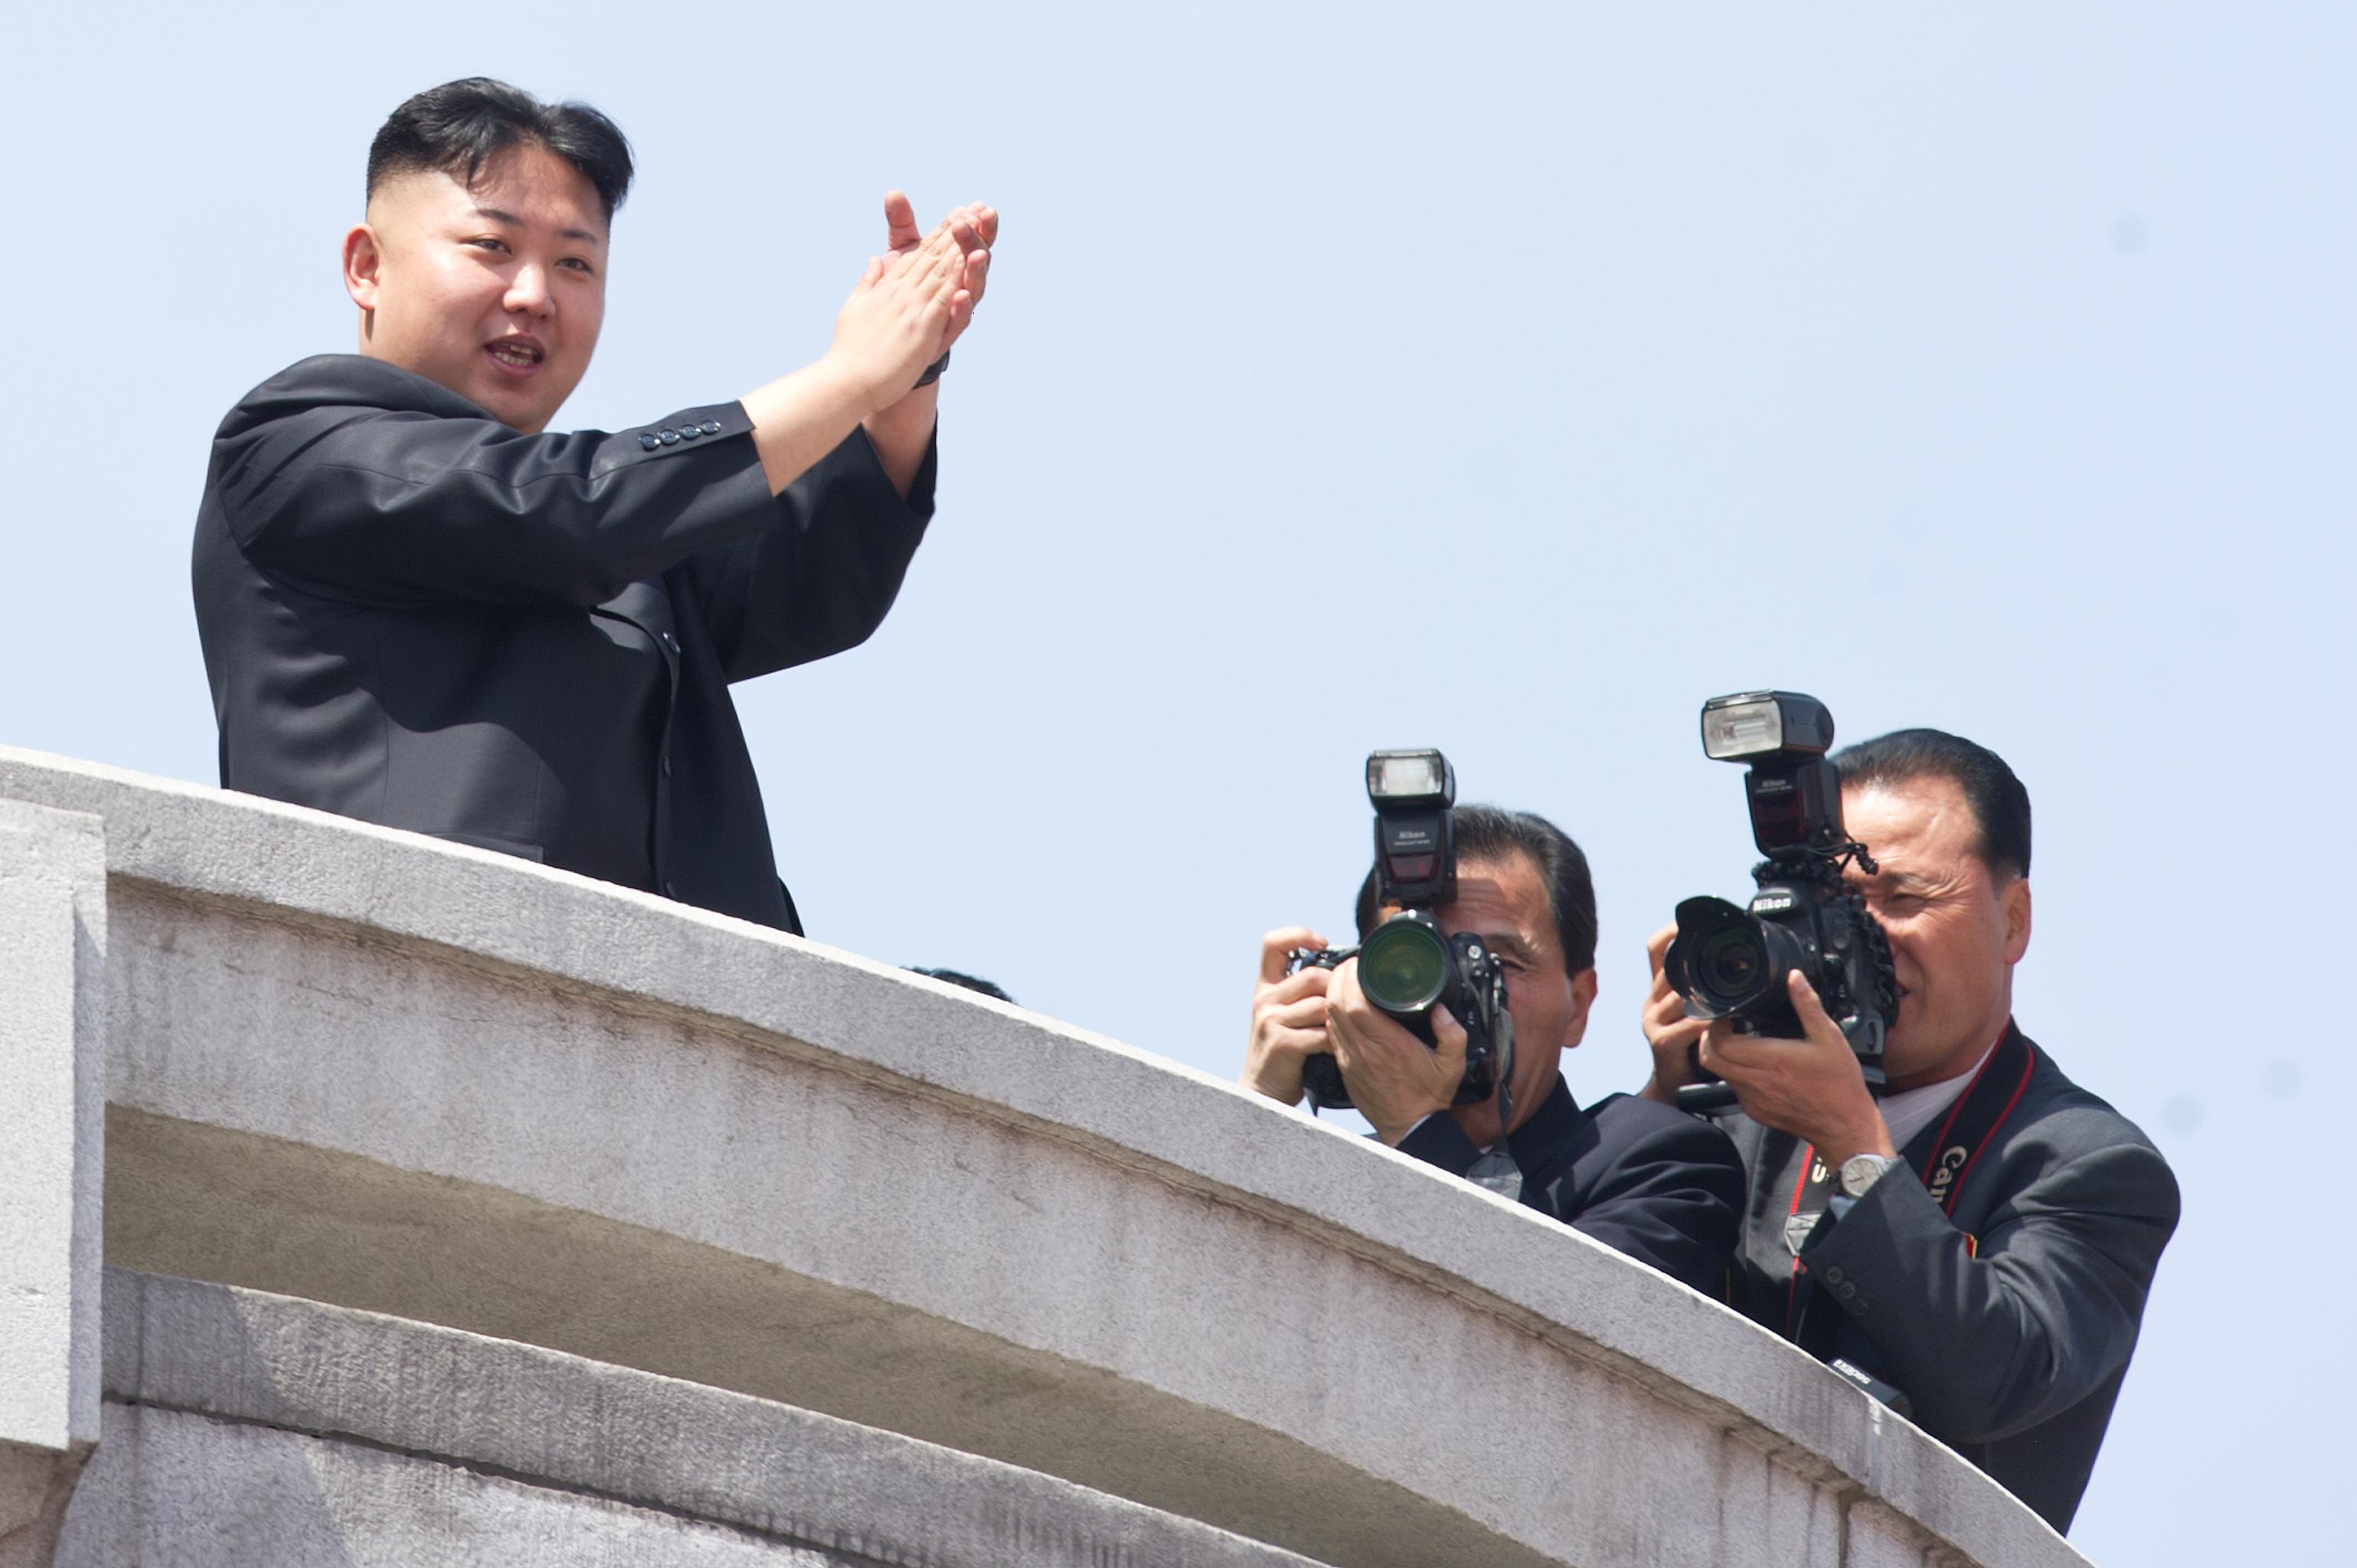 محلل CNN: يُحتمل أن تكون كوريا الشمالية الآن قوة نووية